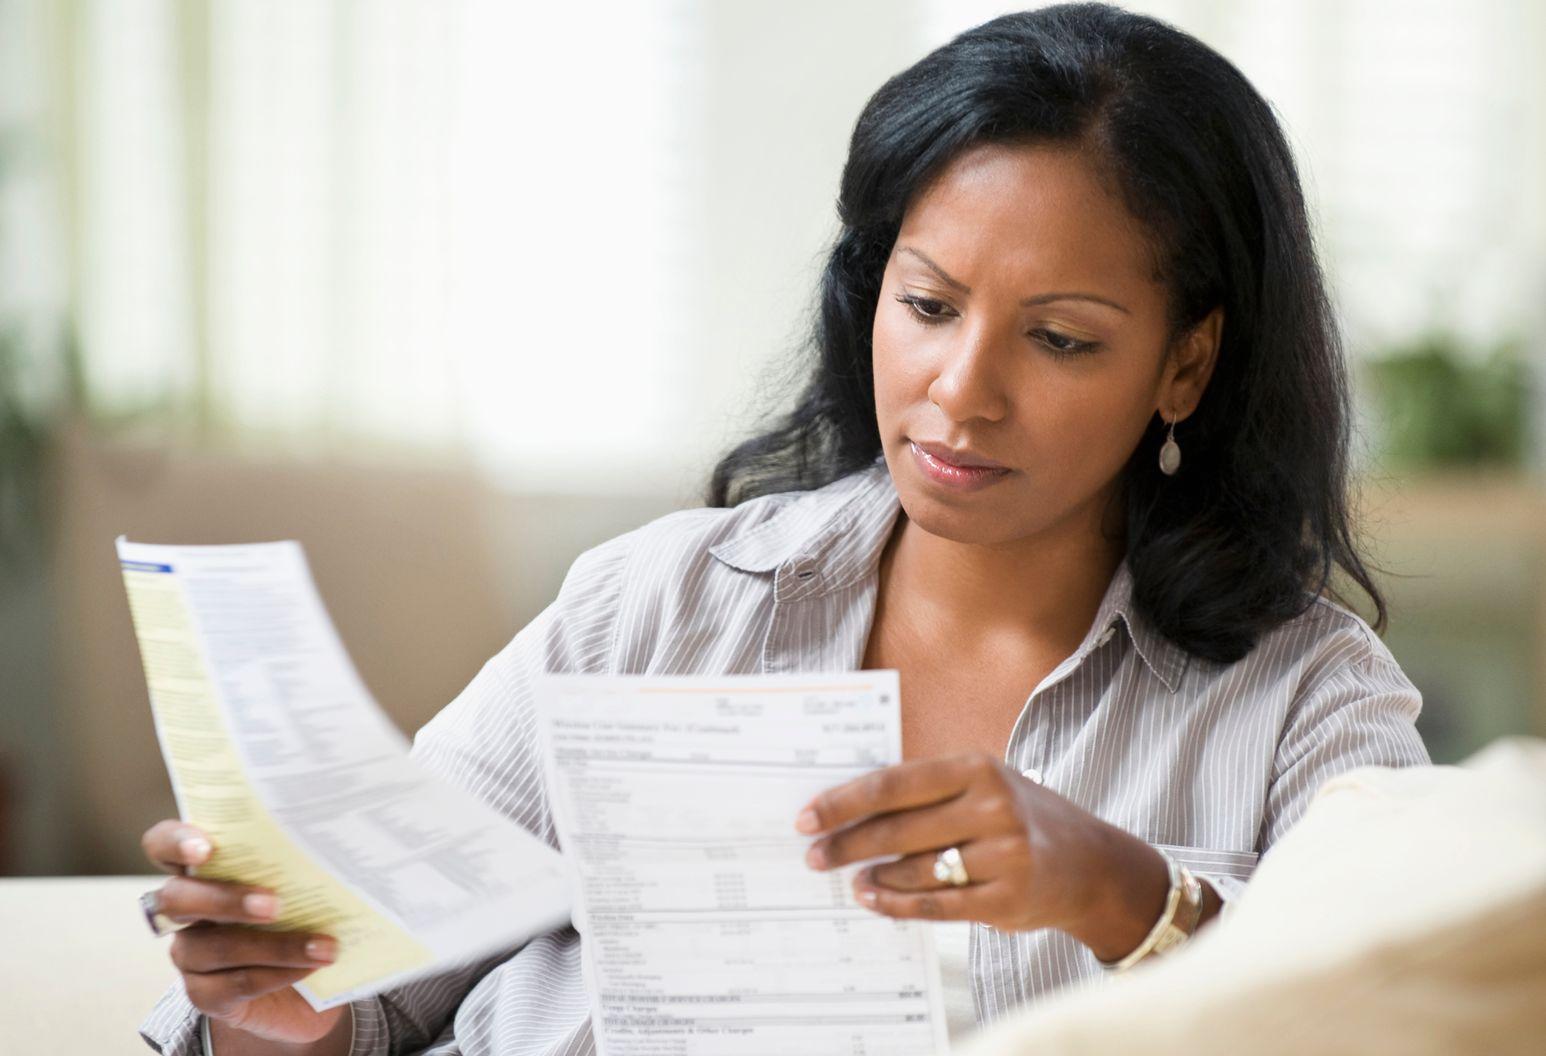 A woman checks her bills